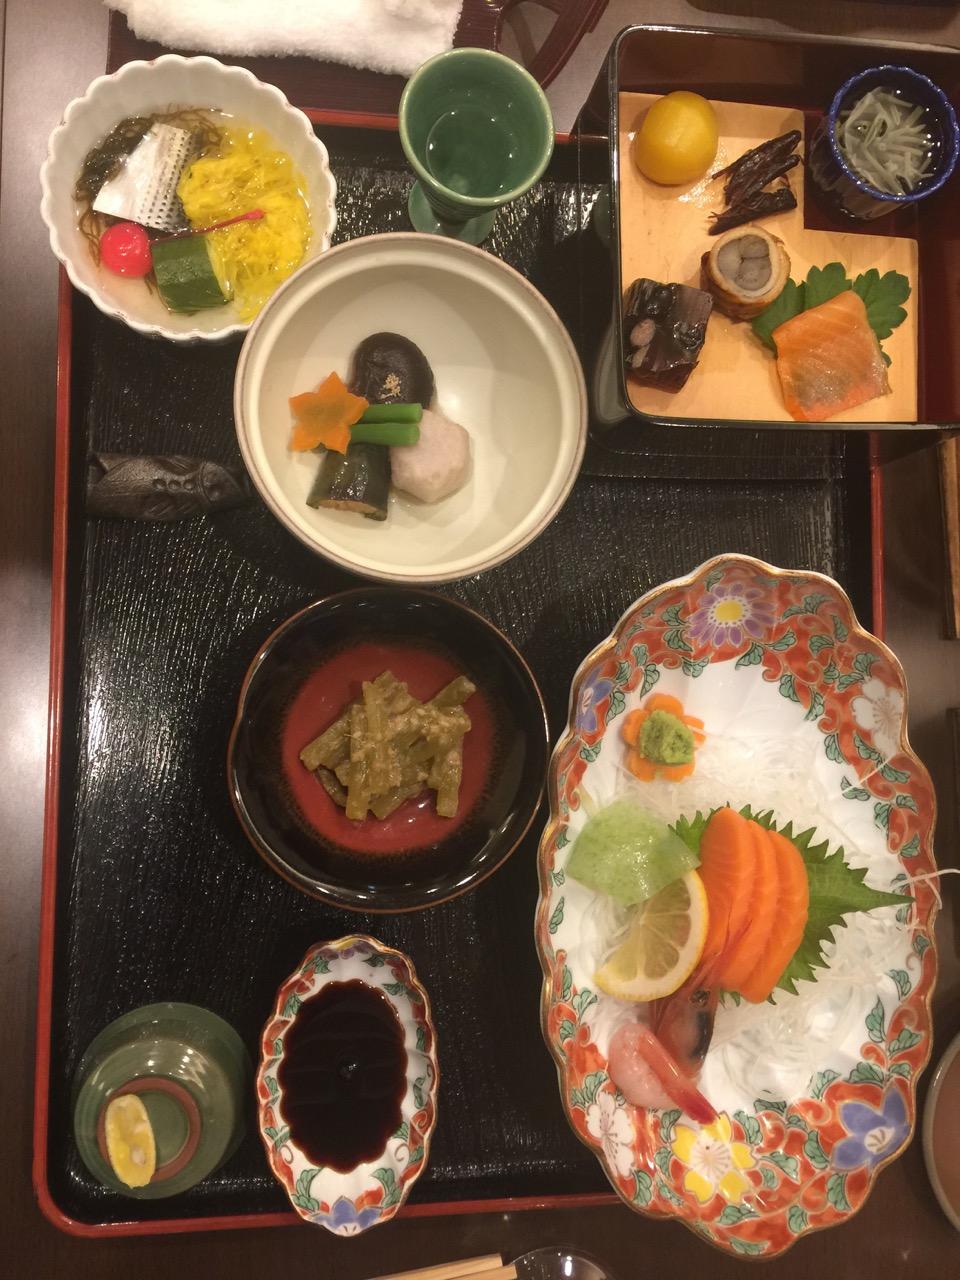 Illallisen alkupalat ryokanissa, onsenin hotellissa, heinäsirkat olivat maukkaita (Markun huom.)